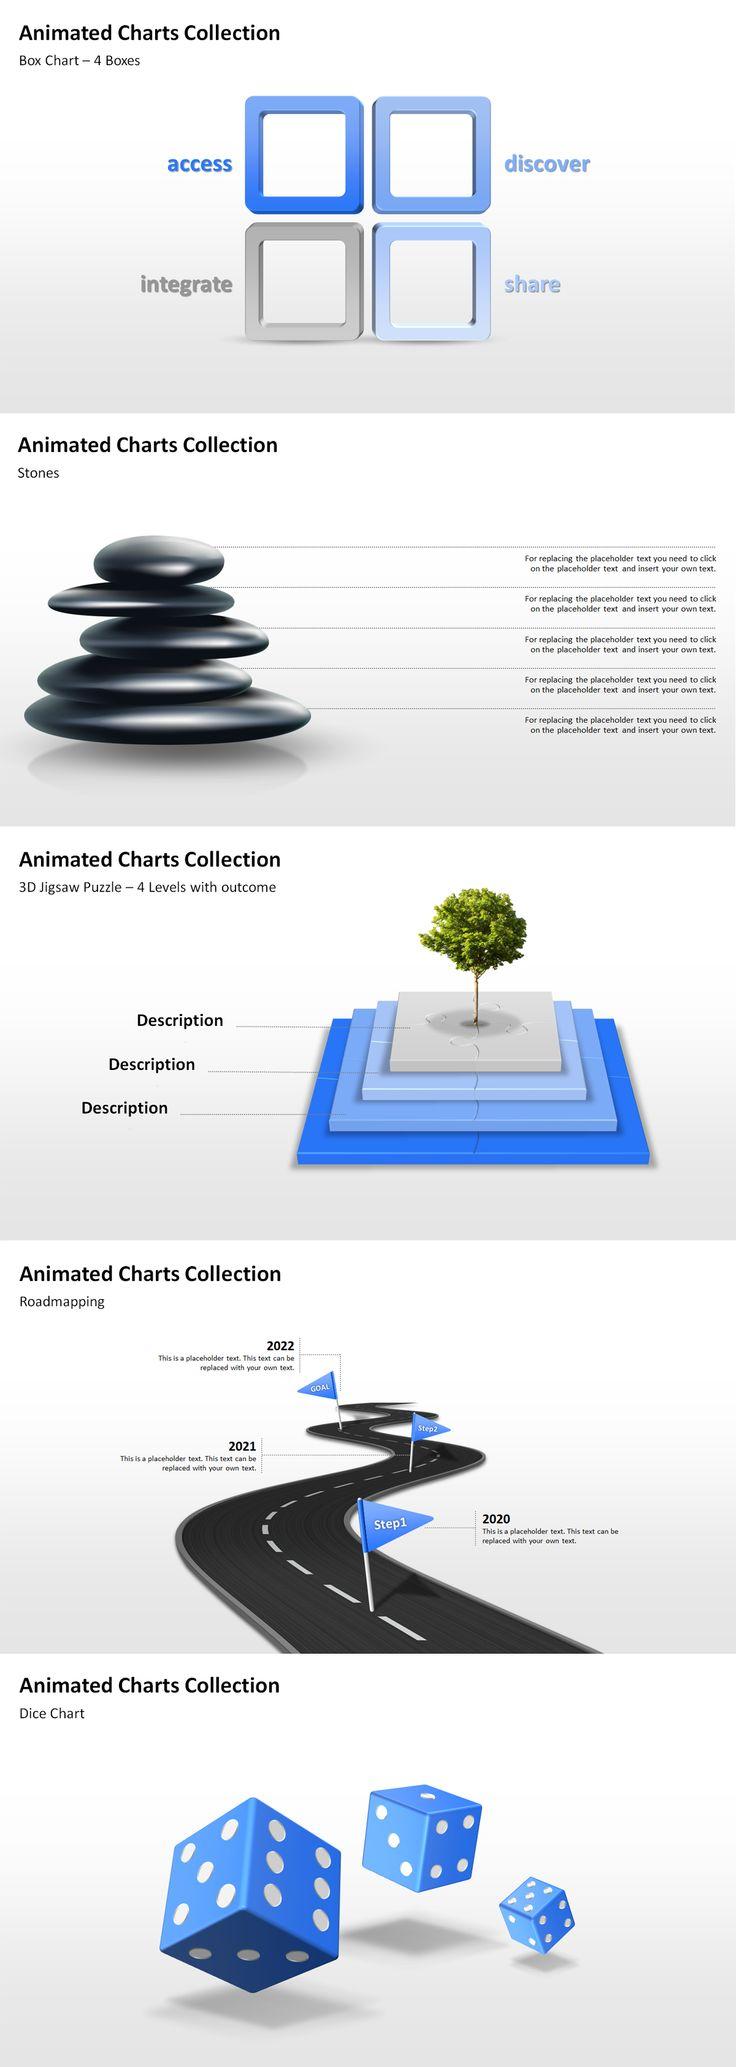 Animation PowerPoint, animierte Vorlagen in hoher Qualität http://www.presentationload.de/powerpoint-charts-diagramme/animierte-charts/